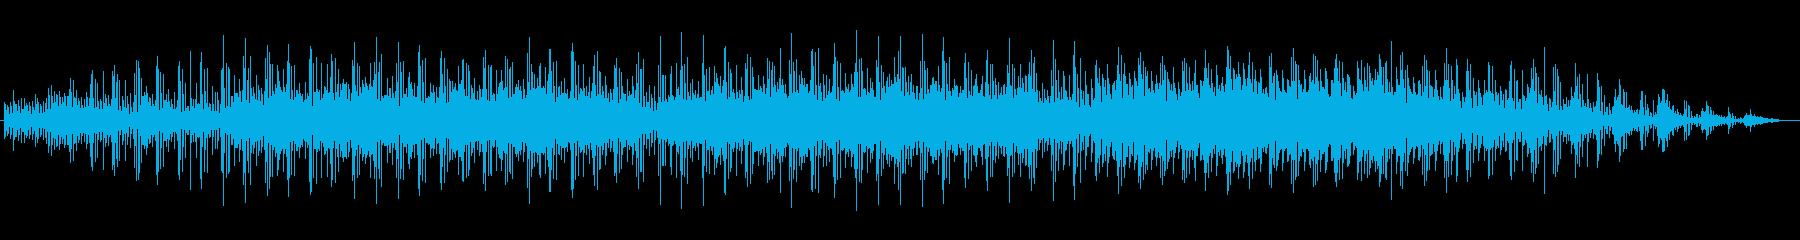 宇宙的広がりのあるマイナーイメージの再生済みの波形